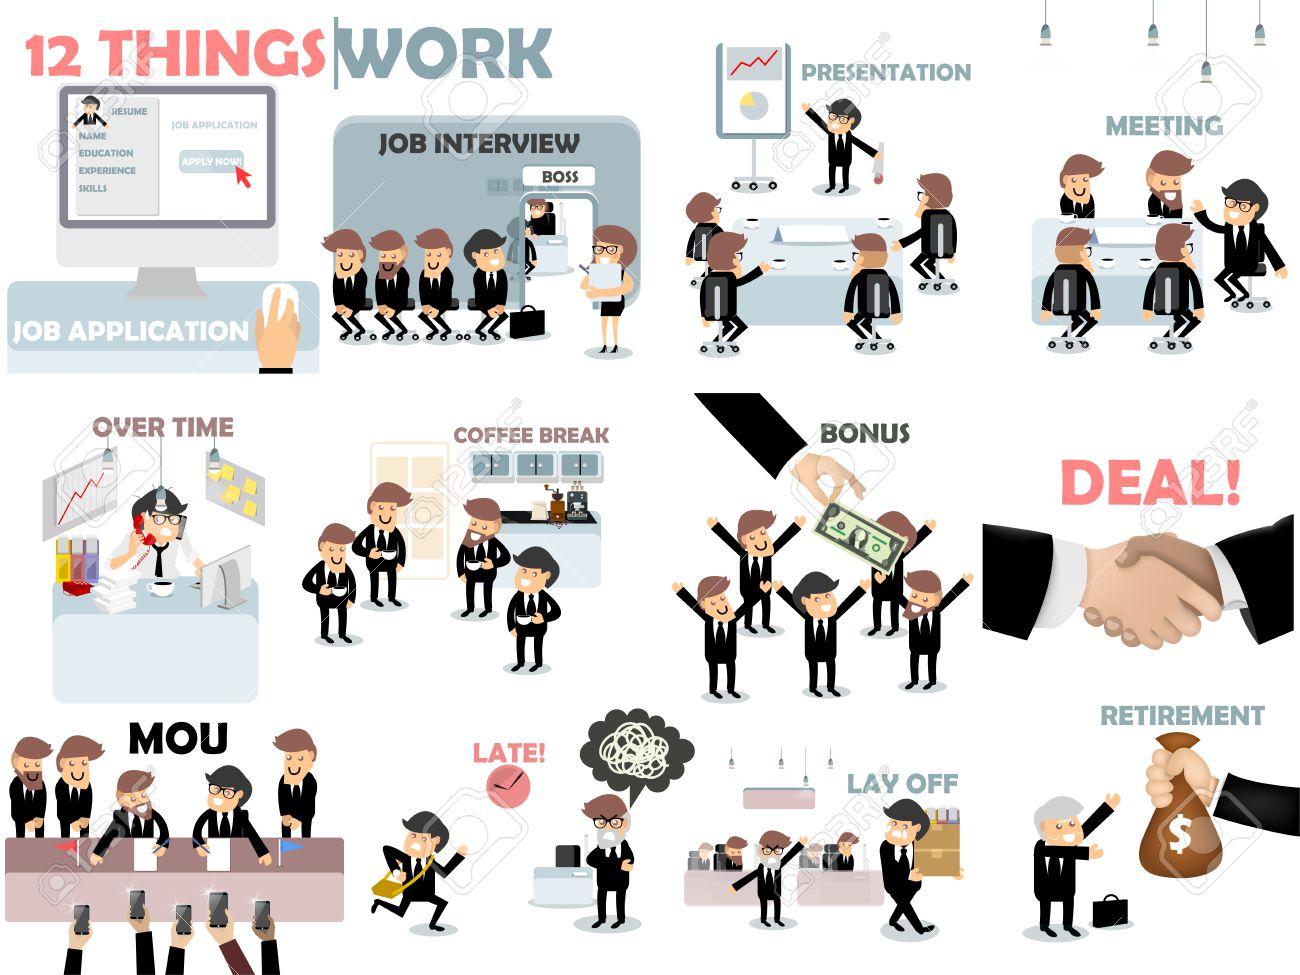 schne grafische gestaltung der arbeit 12 dinge des arbeitssituation aus bewerbung vorstellungsgesprch prsentation - Bewerbung Vorstellungsgesprch